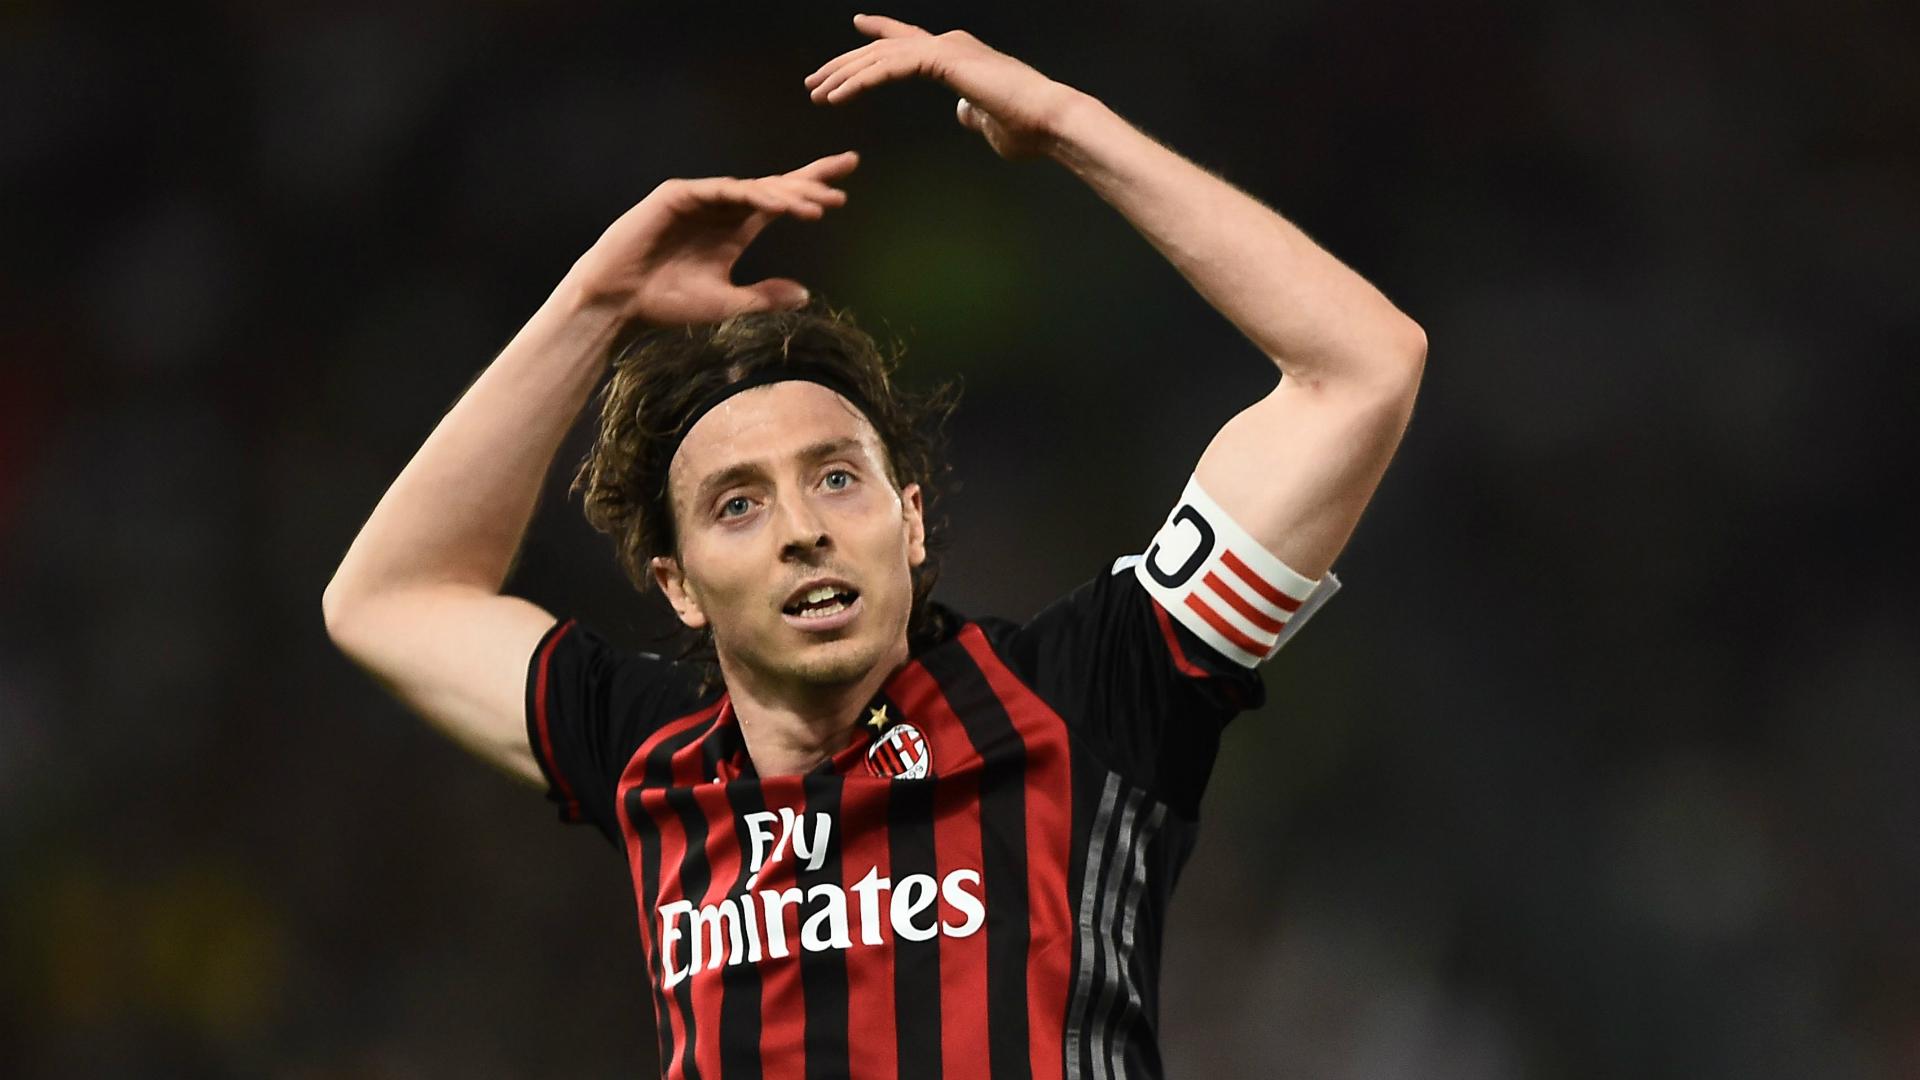 Riccardo gay milan